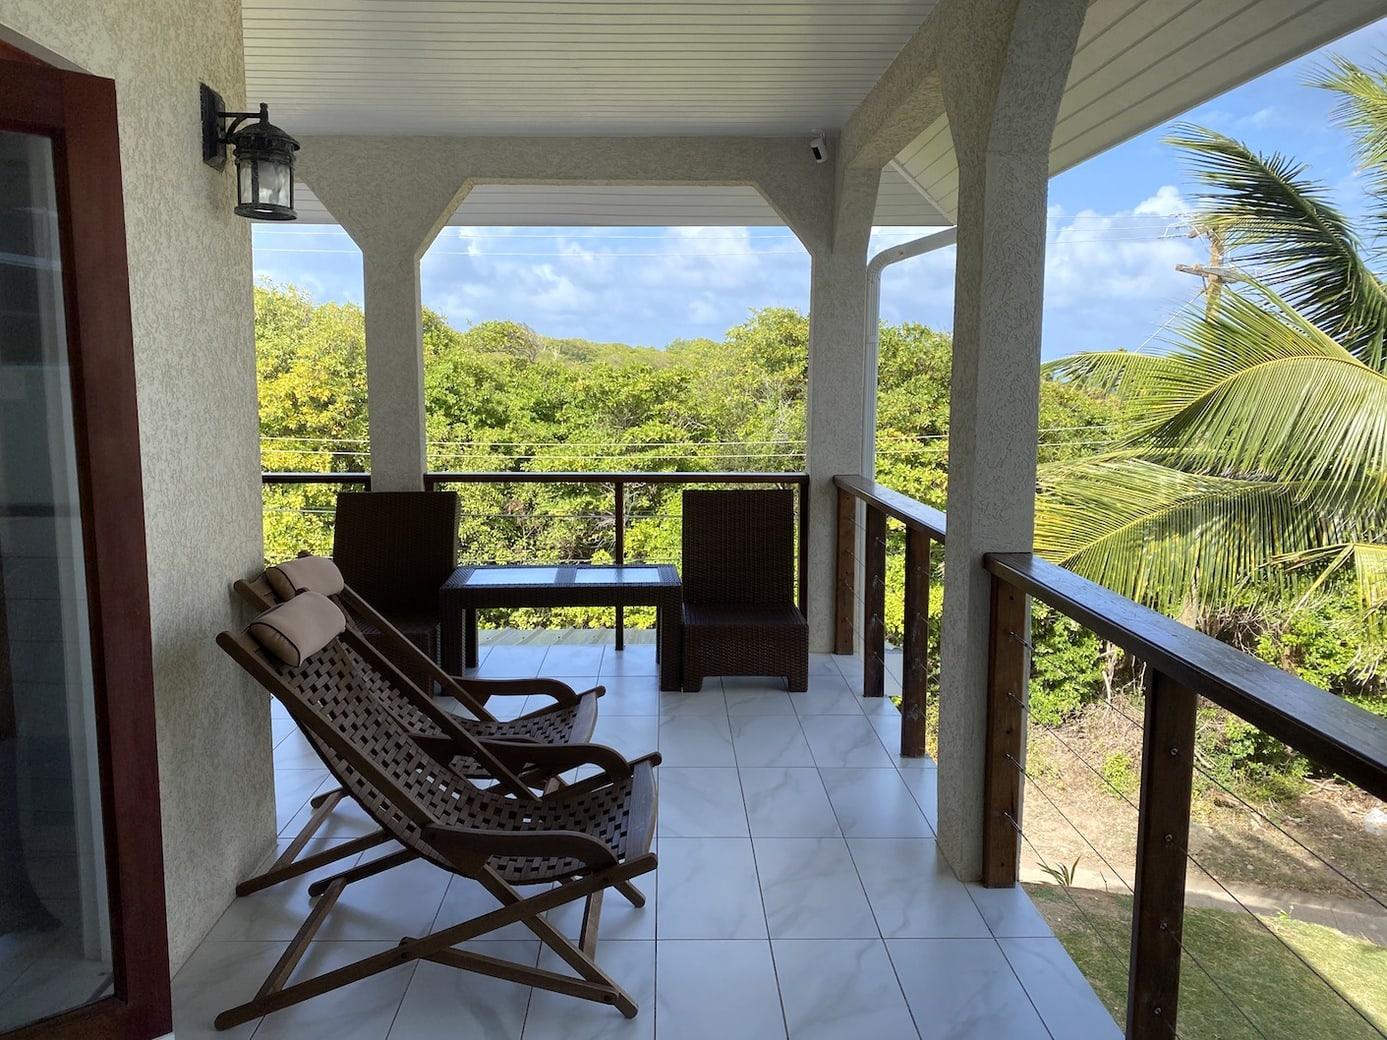 Wraparound porch with sea views